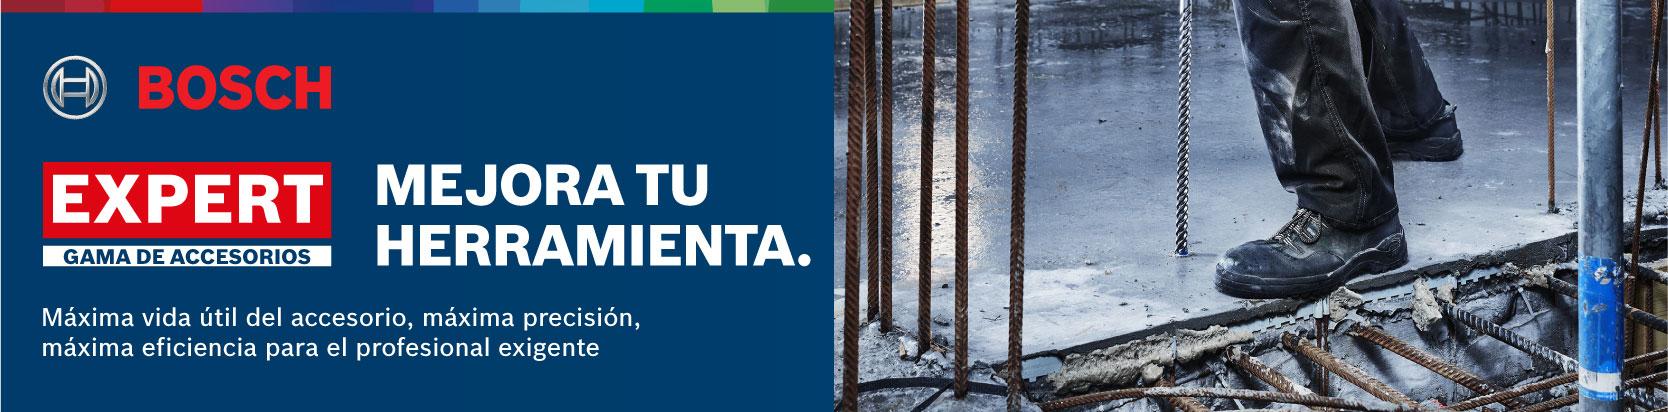 Accesorios para herramientas para la construcción BOSCH expert online en MRM Maquinaria Murcia